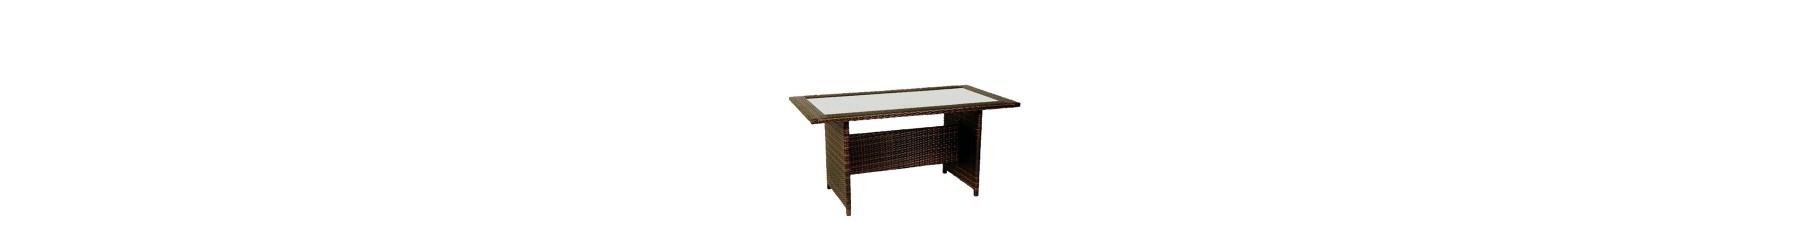 Τραπέζια για τον κήπο από πλέξη με συνθετικό υλικό rattan wicker